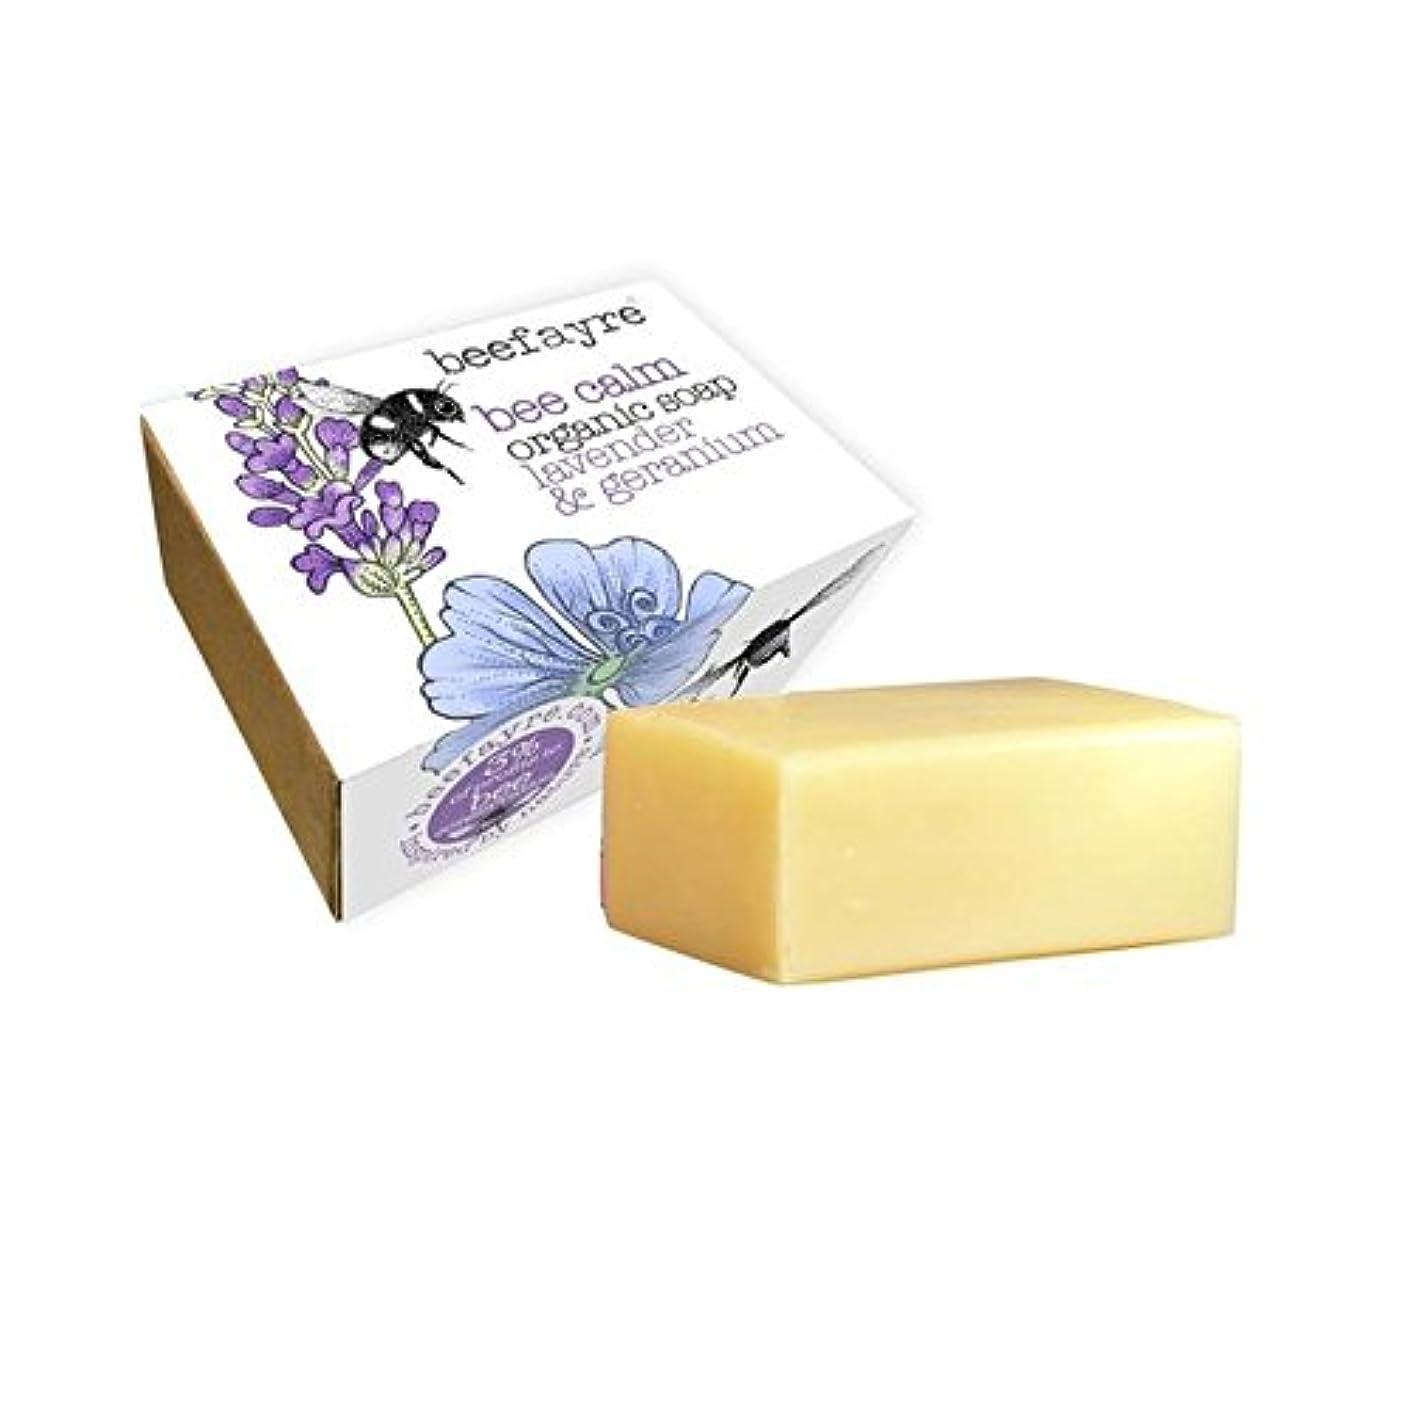 福祉それに応じて薬を飲むBeefayre Organic Geranium & Lavender Soap - 有機ゼラニウム&ラベンダー石鹸 [並行輸入品]